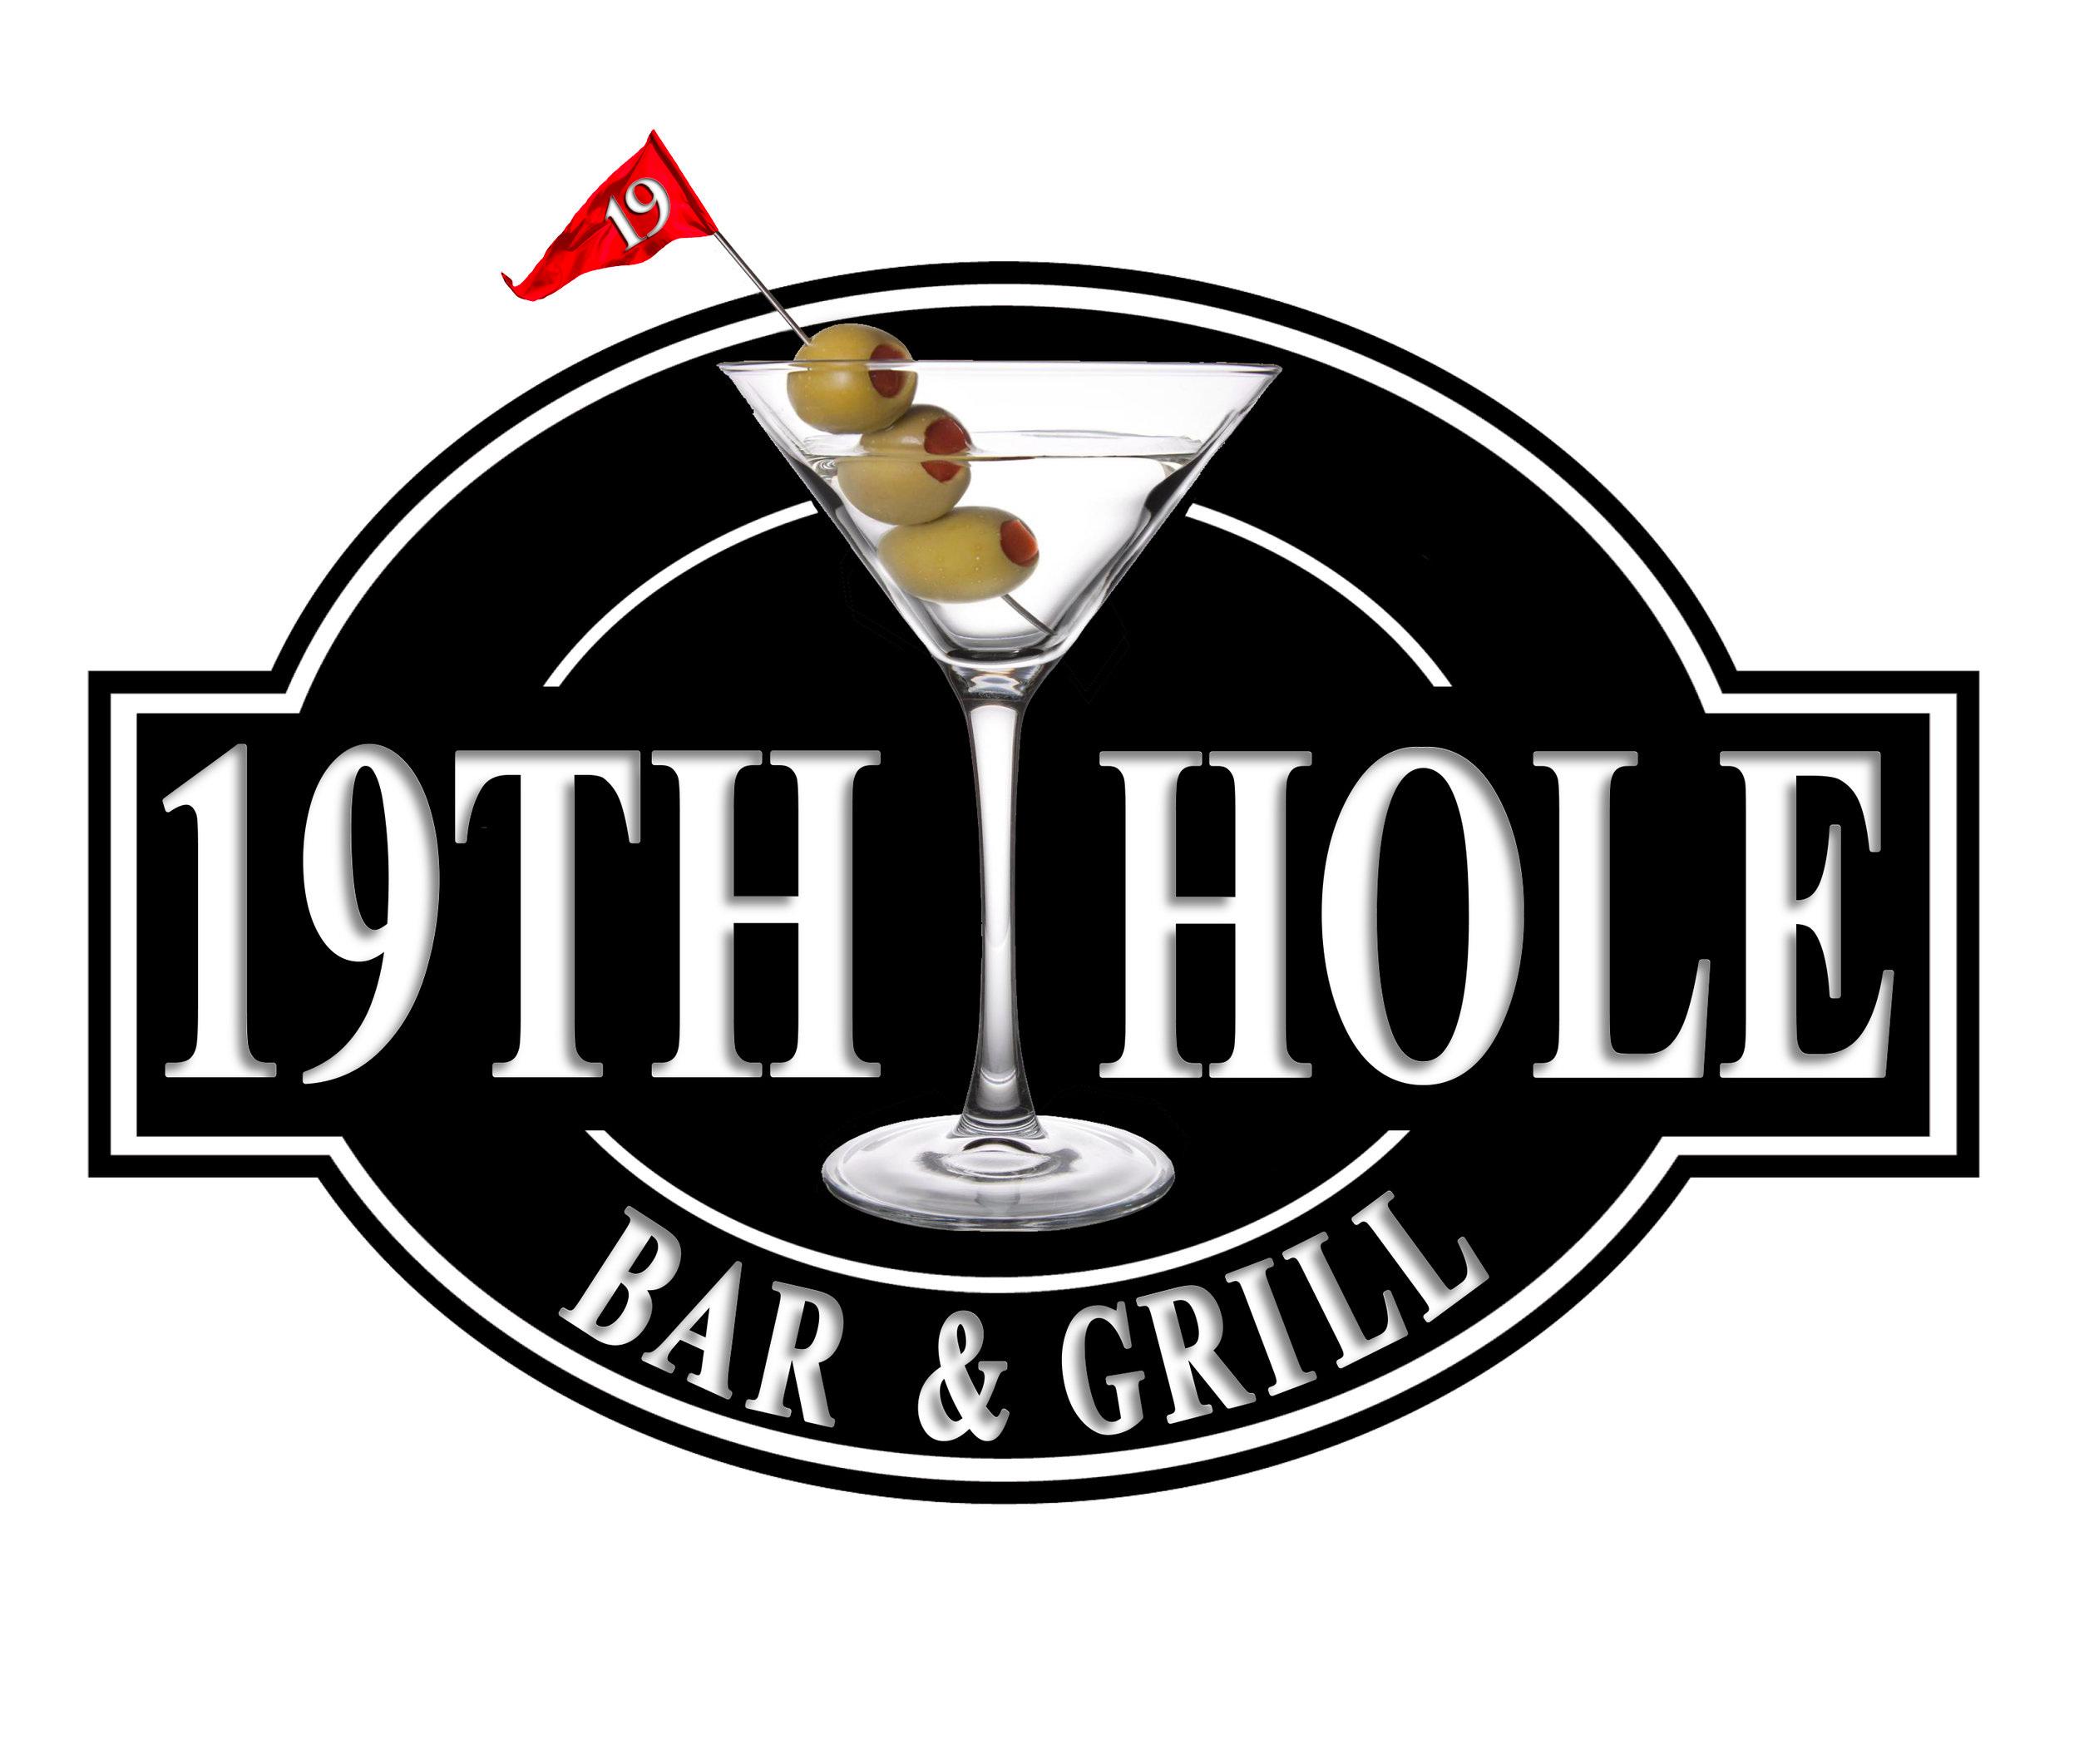 19th Hole Bar & Grill Logo